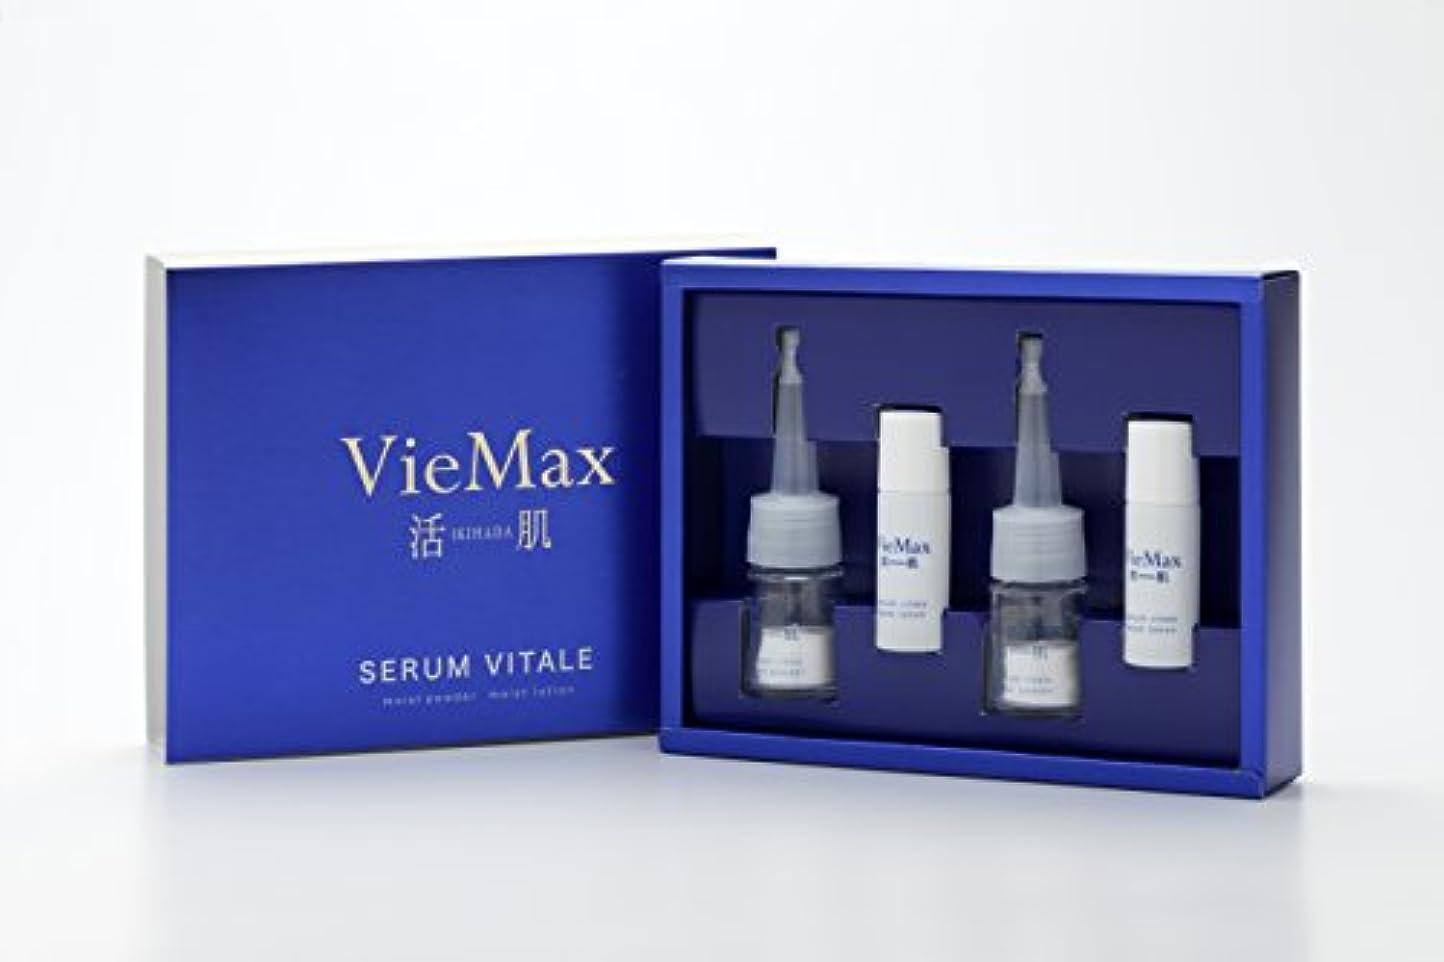 スコットランド人気づくなる賞賛VieMax活肌セラムヴィターレ(生コラーゲン美容液)2セット入り